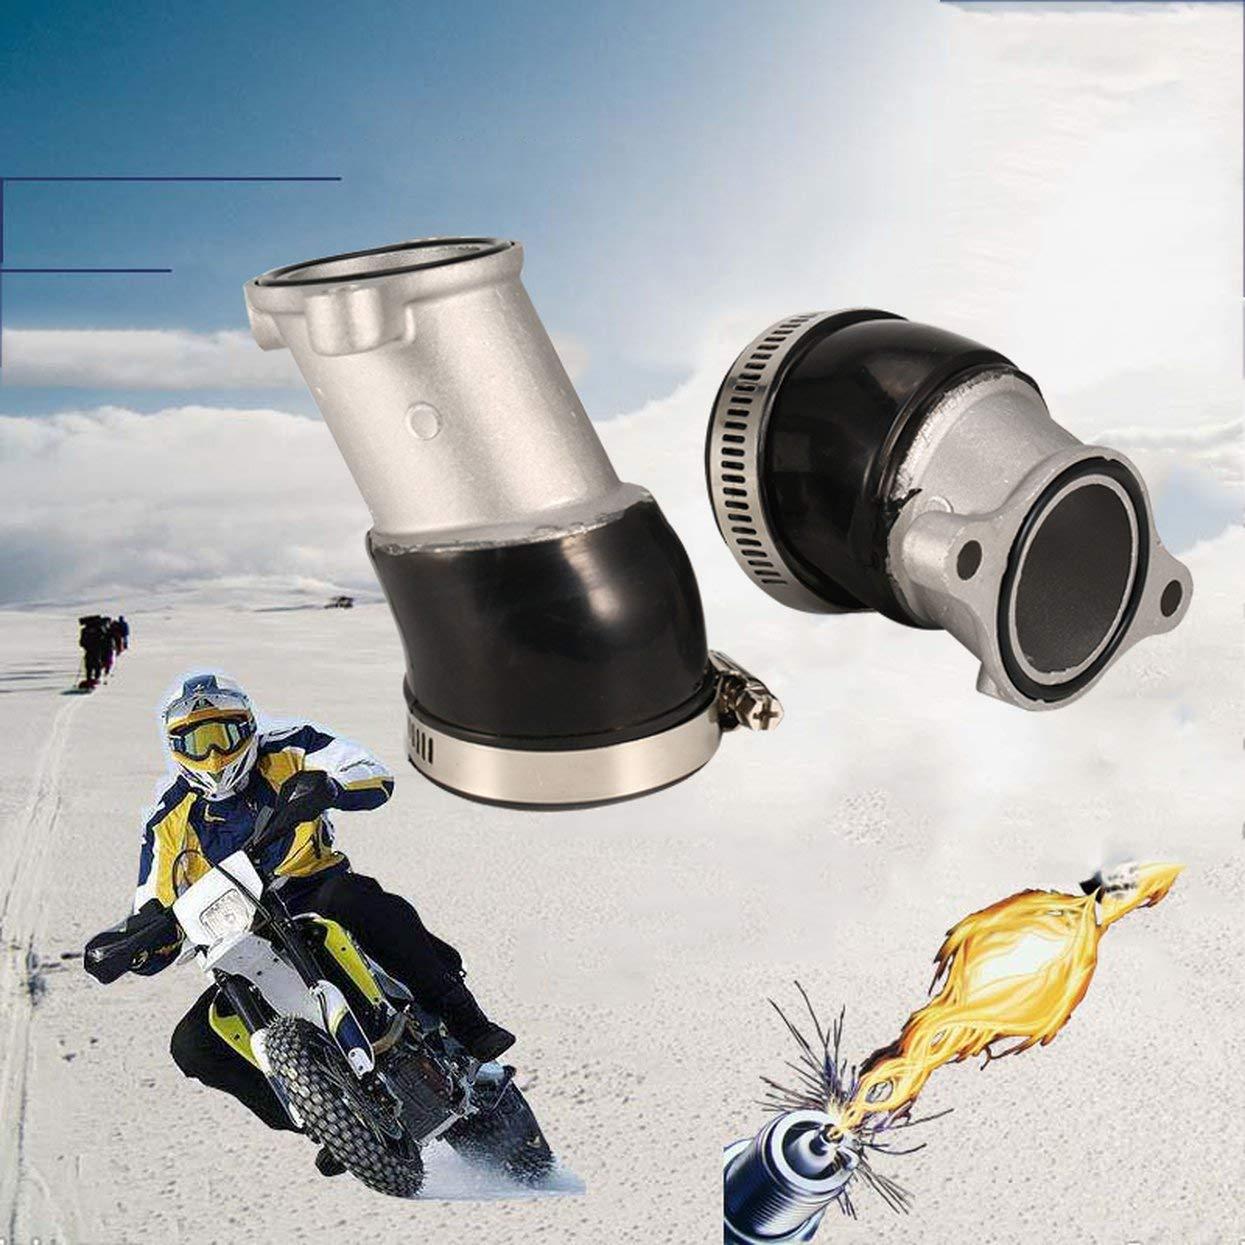 Tellaboull for Carburatore Collettori di aspirazione CX500 con guarnizioni per Stivali Adatti per Honda Carb Holders Kit Accessori per Moto Car-Styling